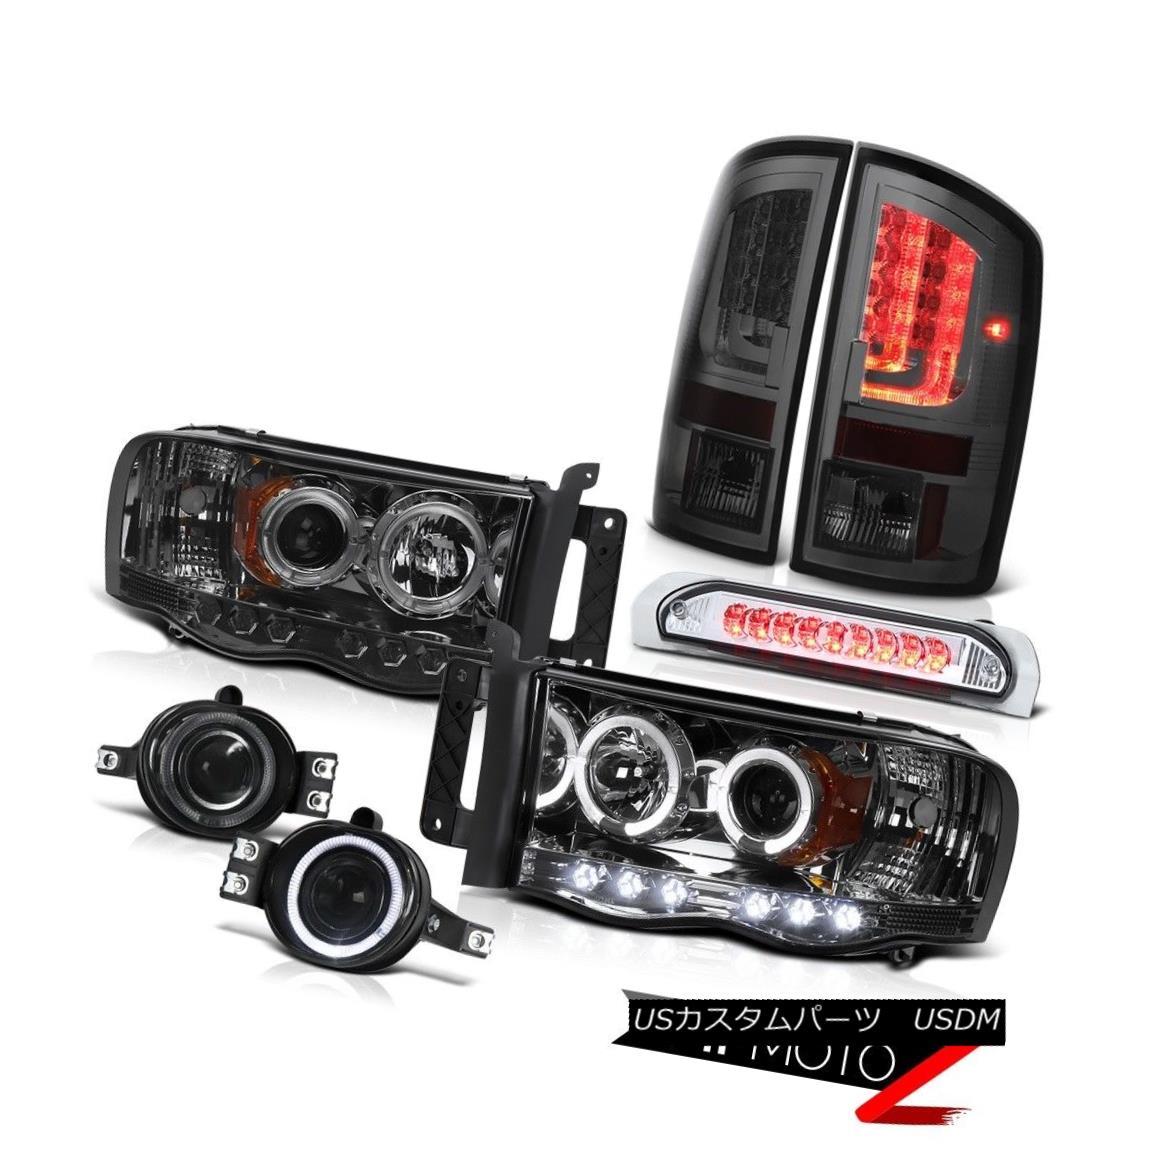 テールライト 2003-2005 Dodge Ram 2500 ST Tail Lights Headlights Fog Roof Cargo Lamp Projector 2003-2005 Dodge Ram 2500 STテールライトヘッドライトフォグルーフカーゴランププロジェクター